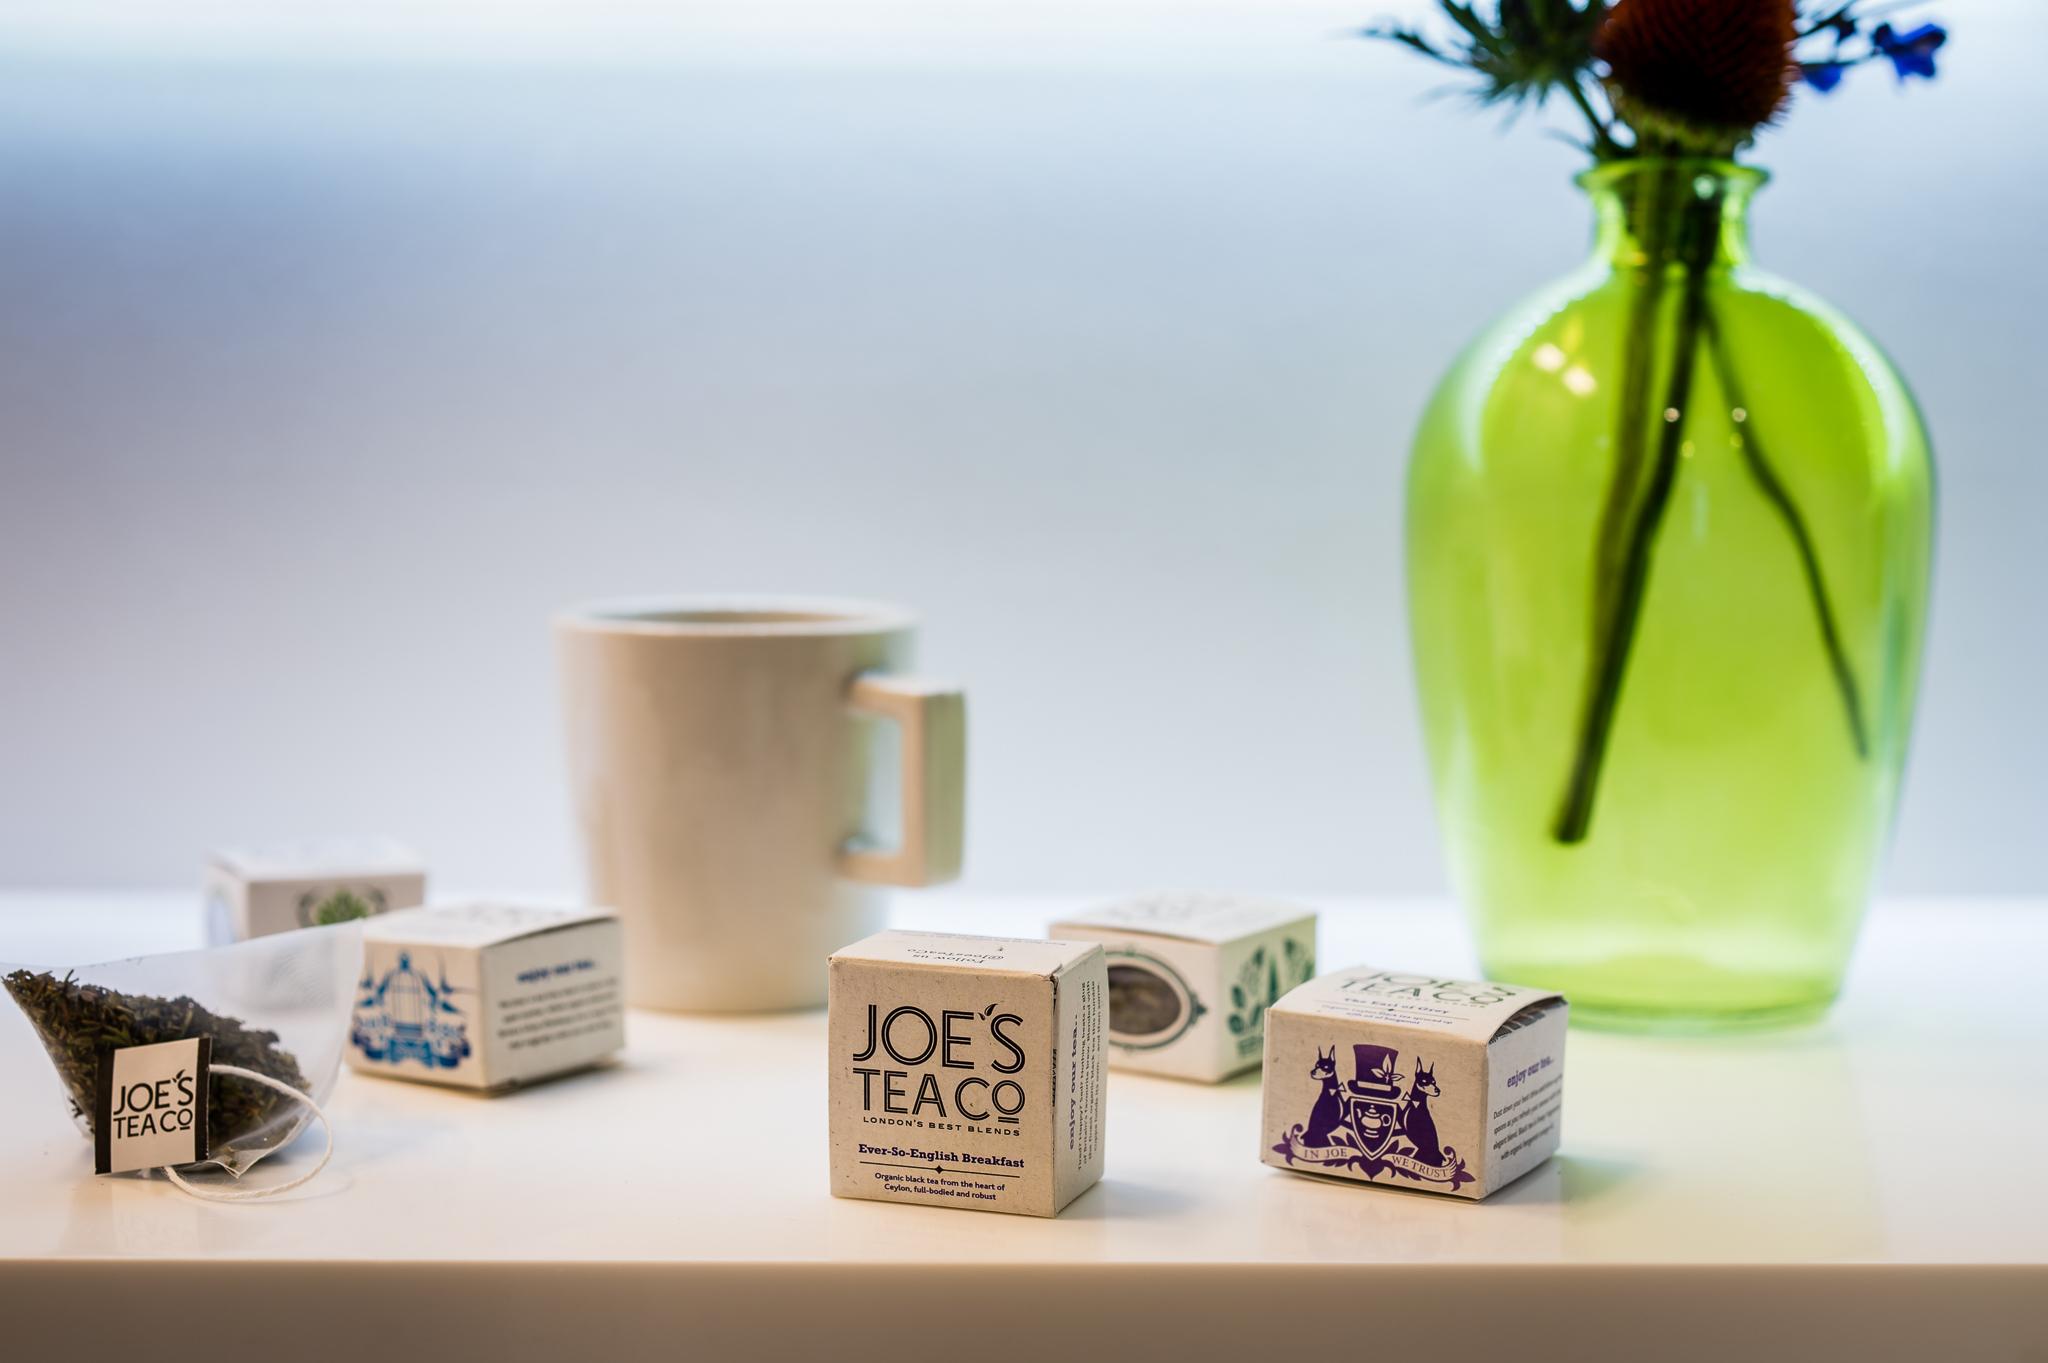 Joes-Tea-PWF-0237.jpg